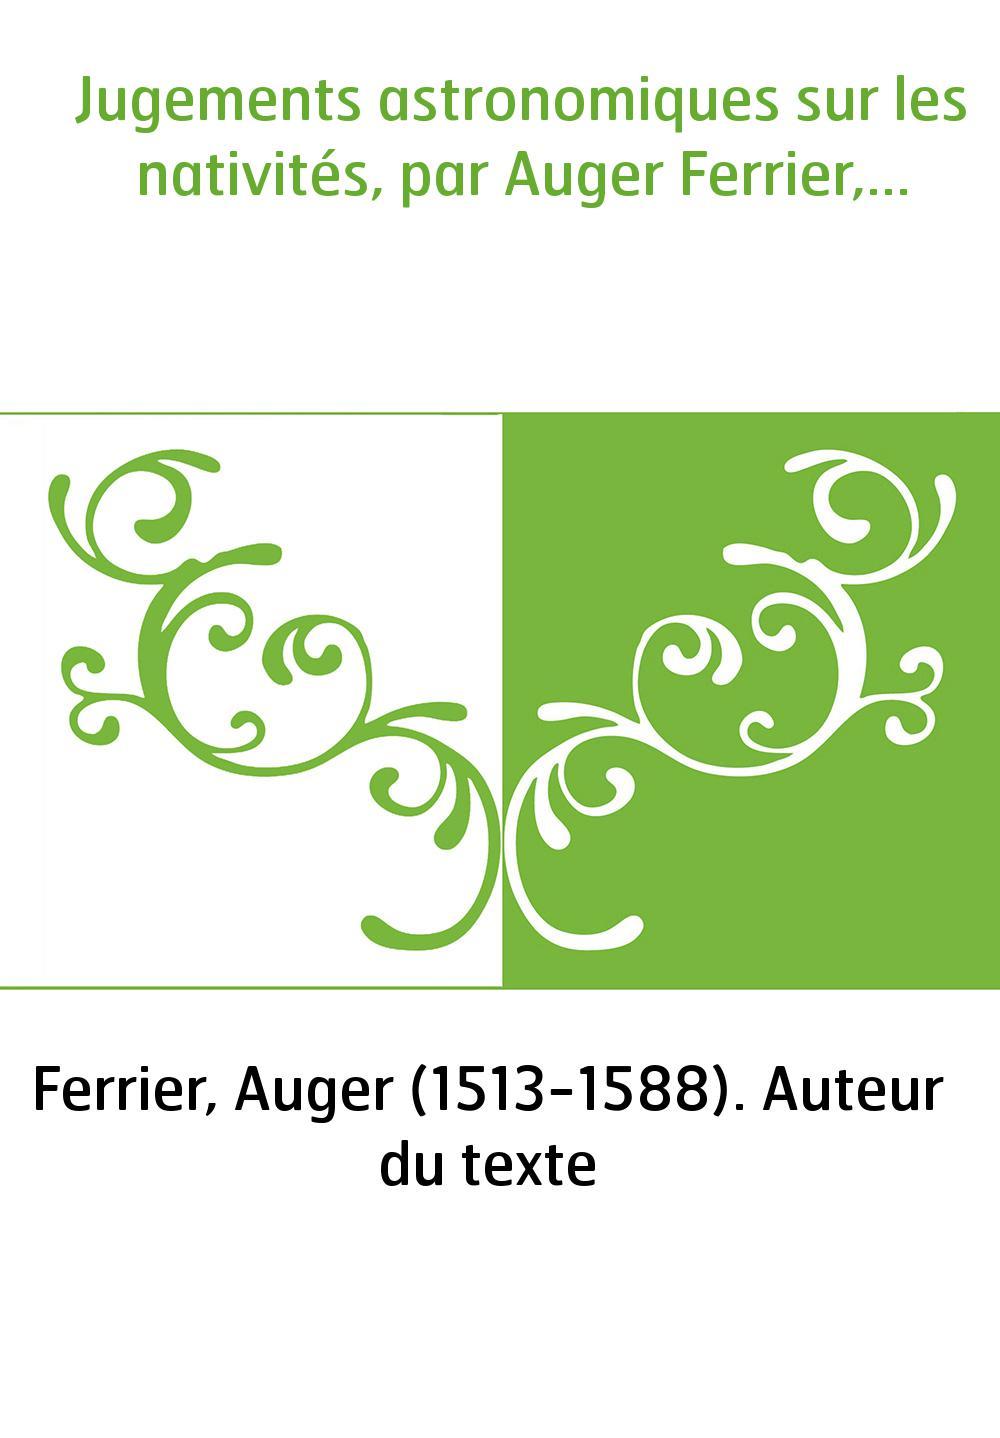 Jugements astronomiques sur les nativités, par Auger Ferrier,...